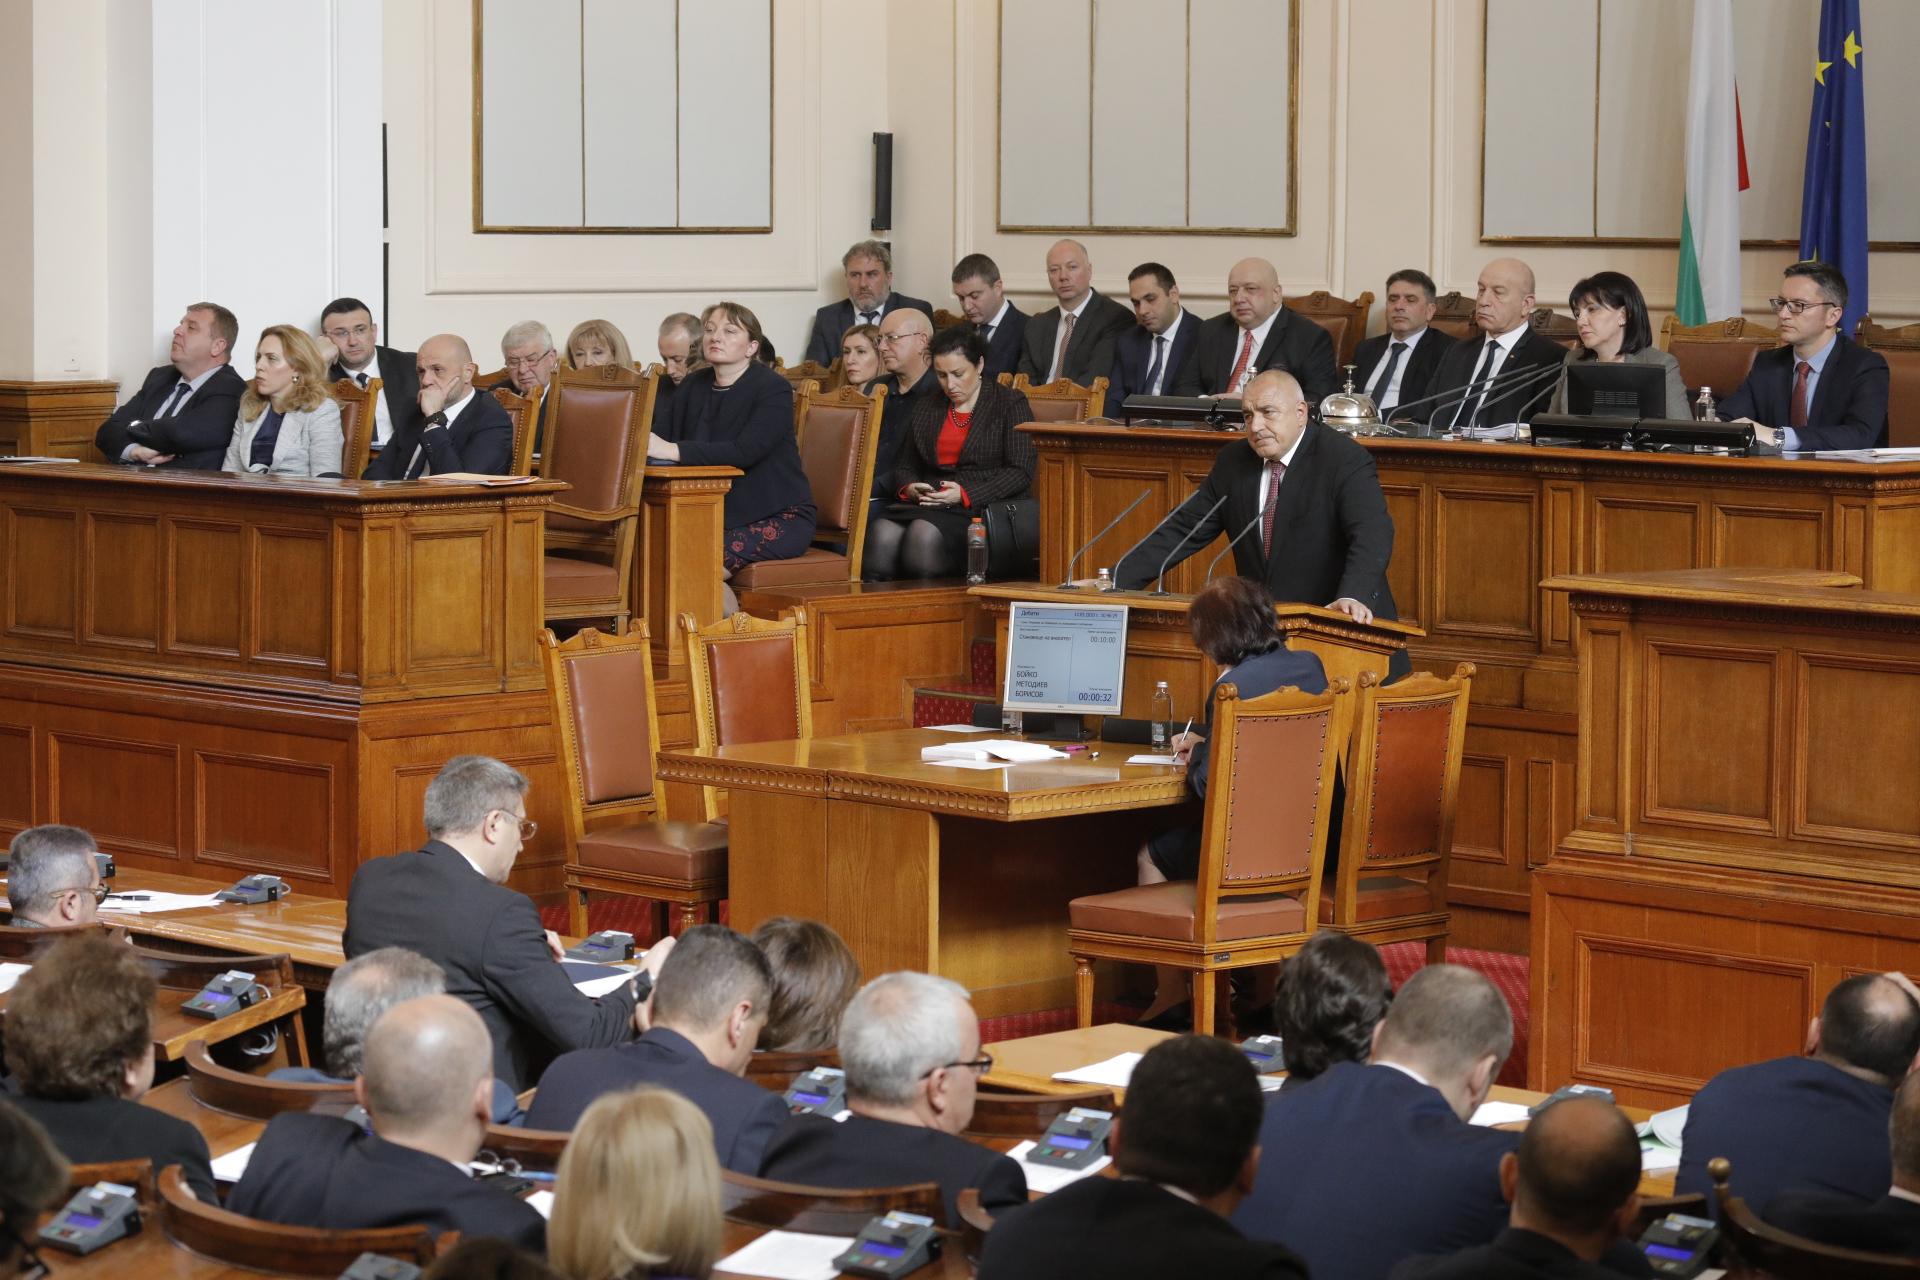 Парламентът се съгласи с президента Радев и гласува закона за извънредното положение.